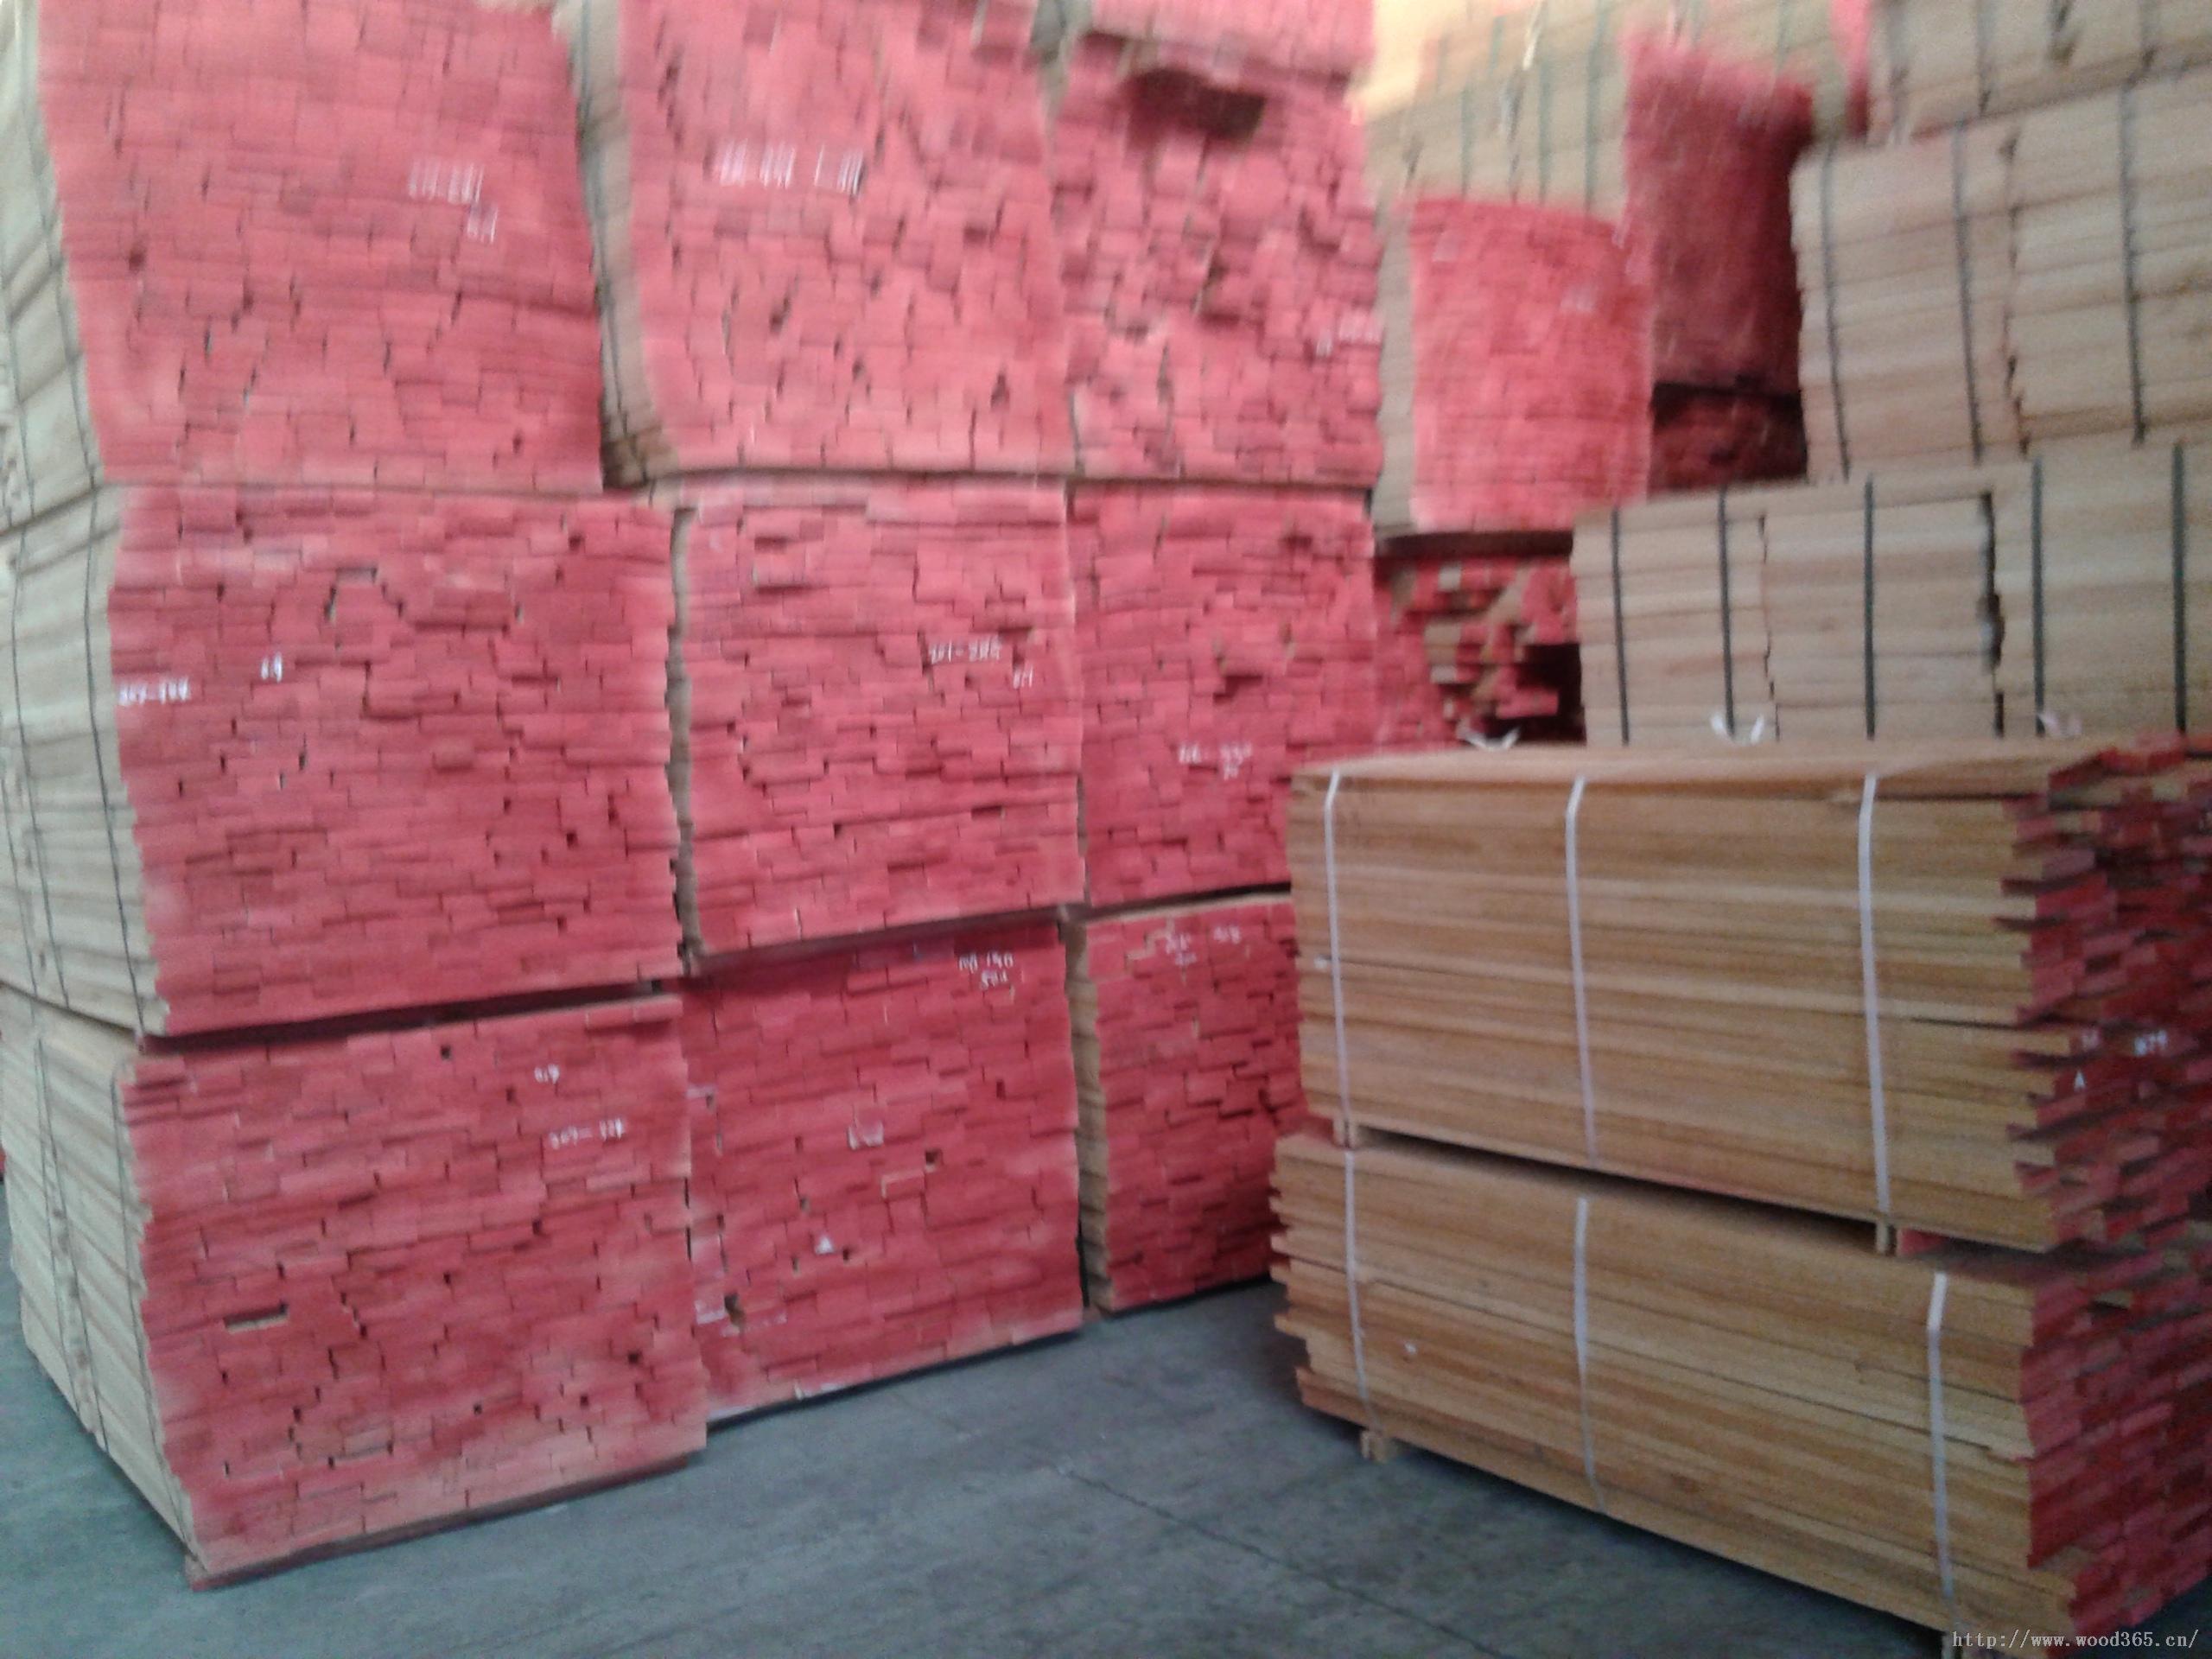 罗马尼亚 榉木板材  红像